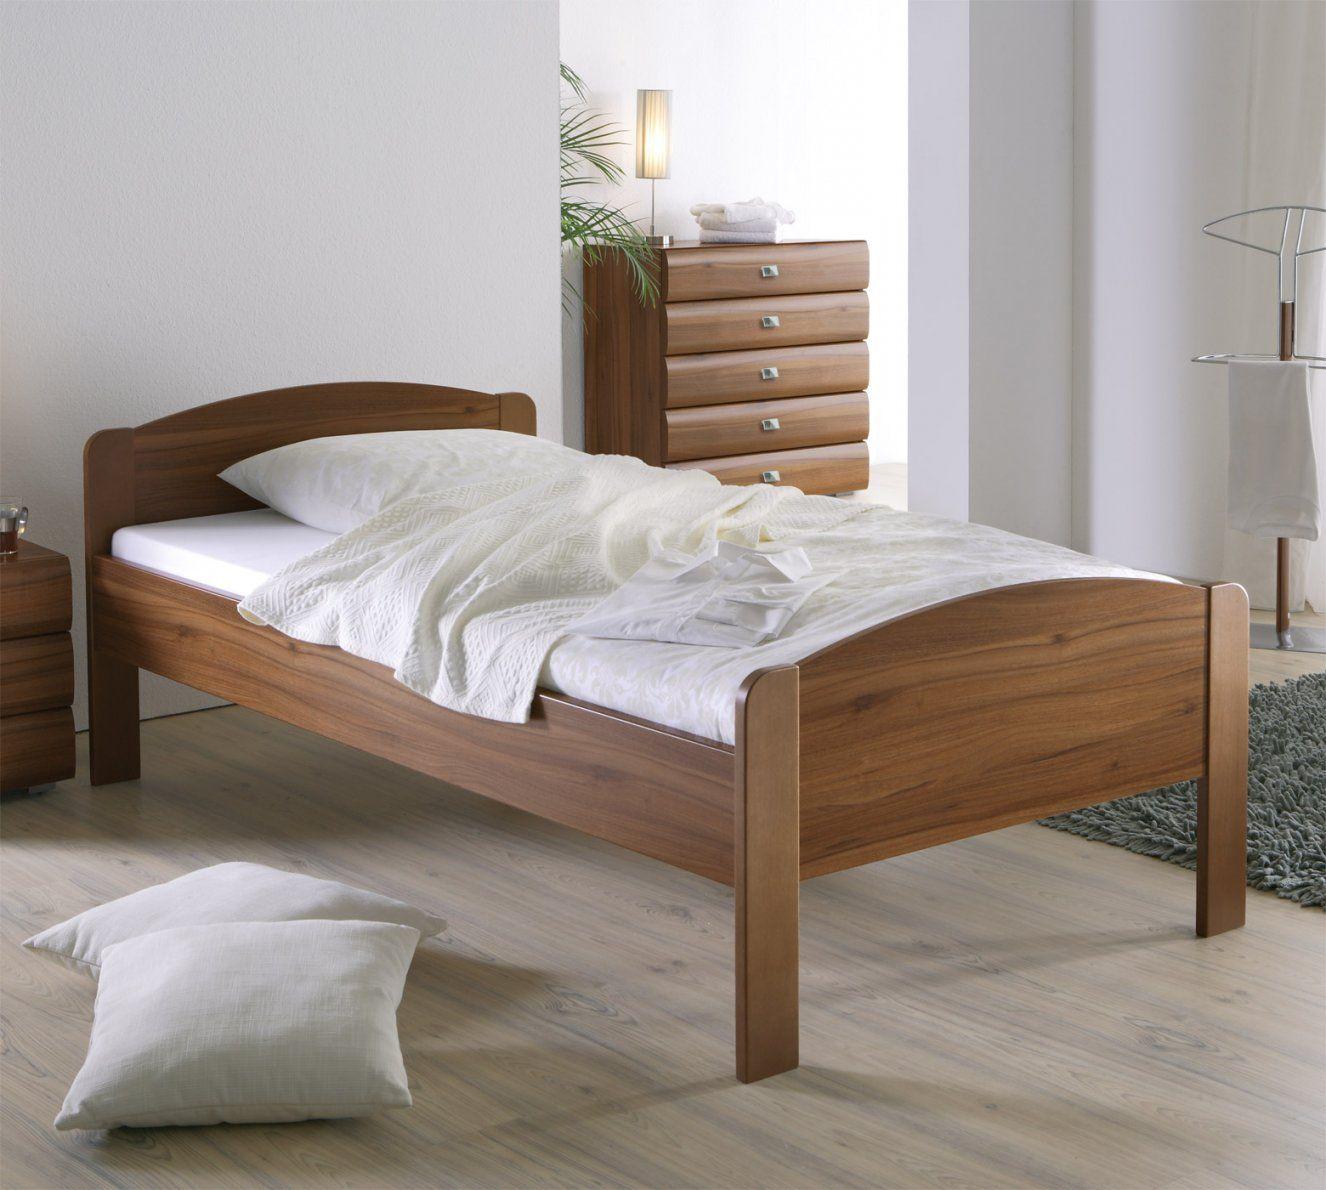 Seniorenbett Mit Elektrischem Lattenrost Günstig Bei Betten von Seniorenbett 120X200 Mit Bettkasten Bild